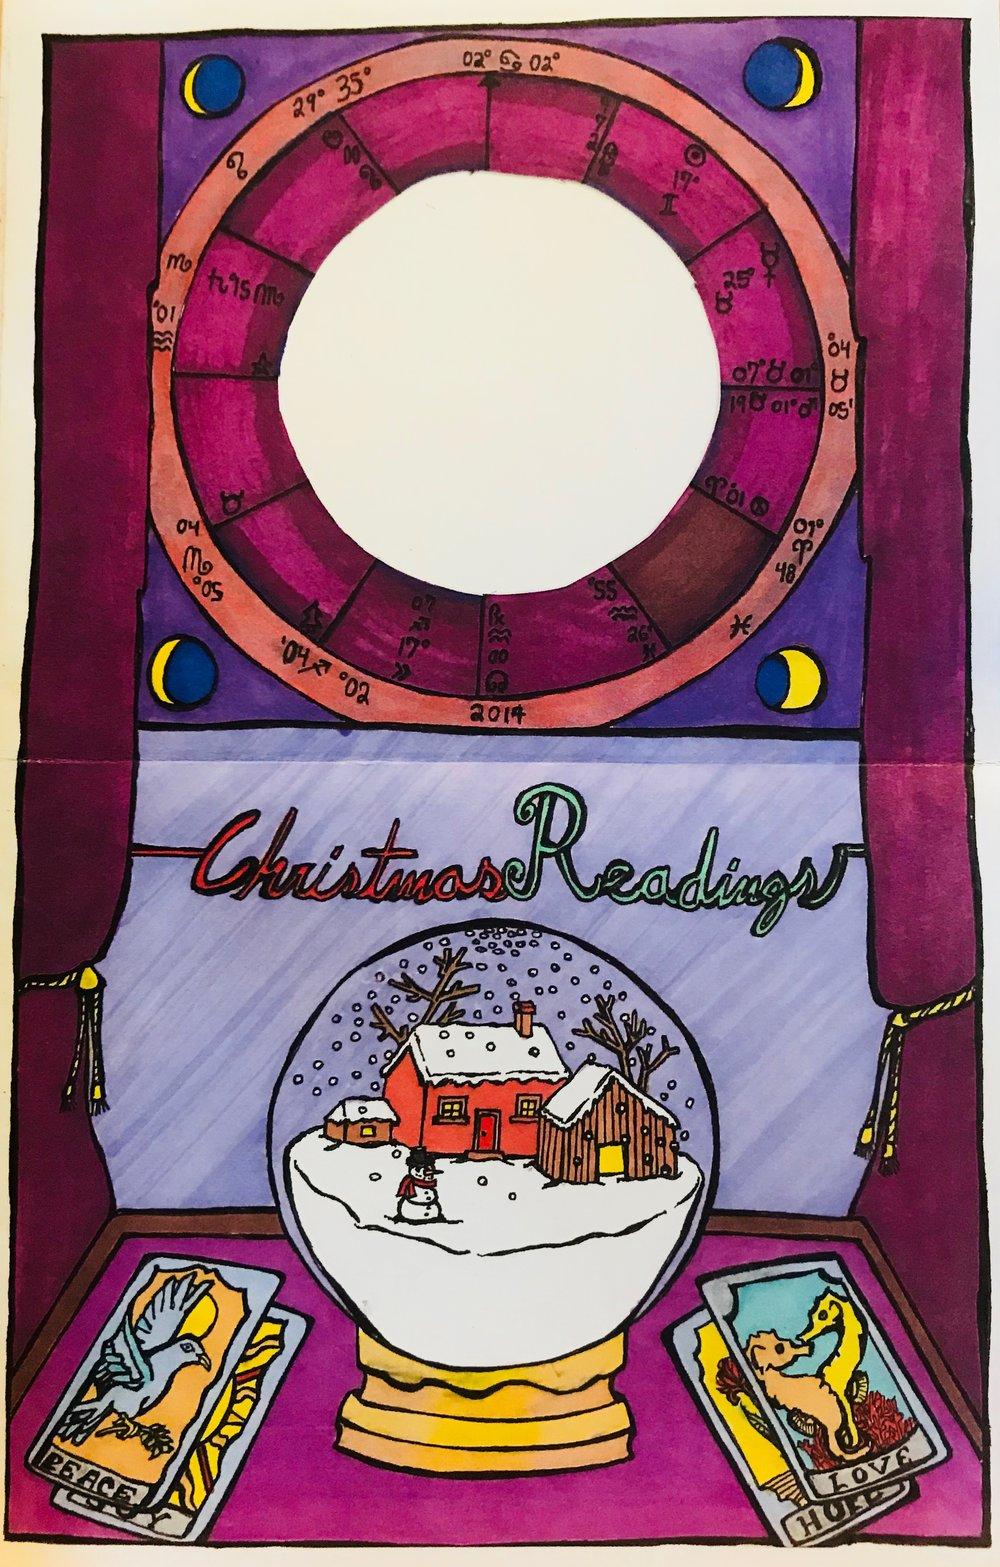 Christmas Card (2014) / Inside Panel